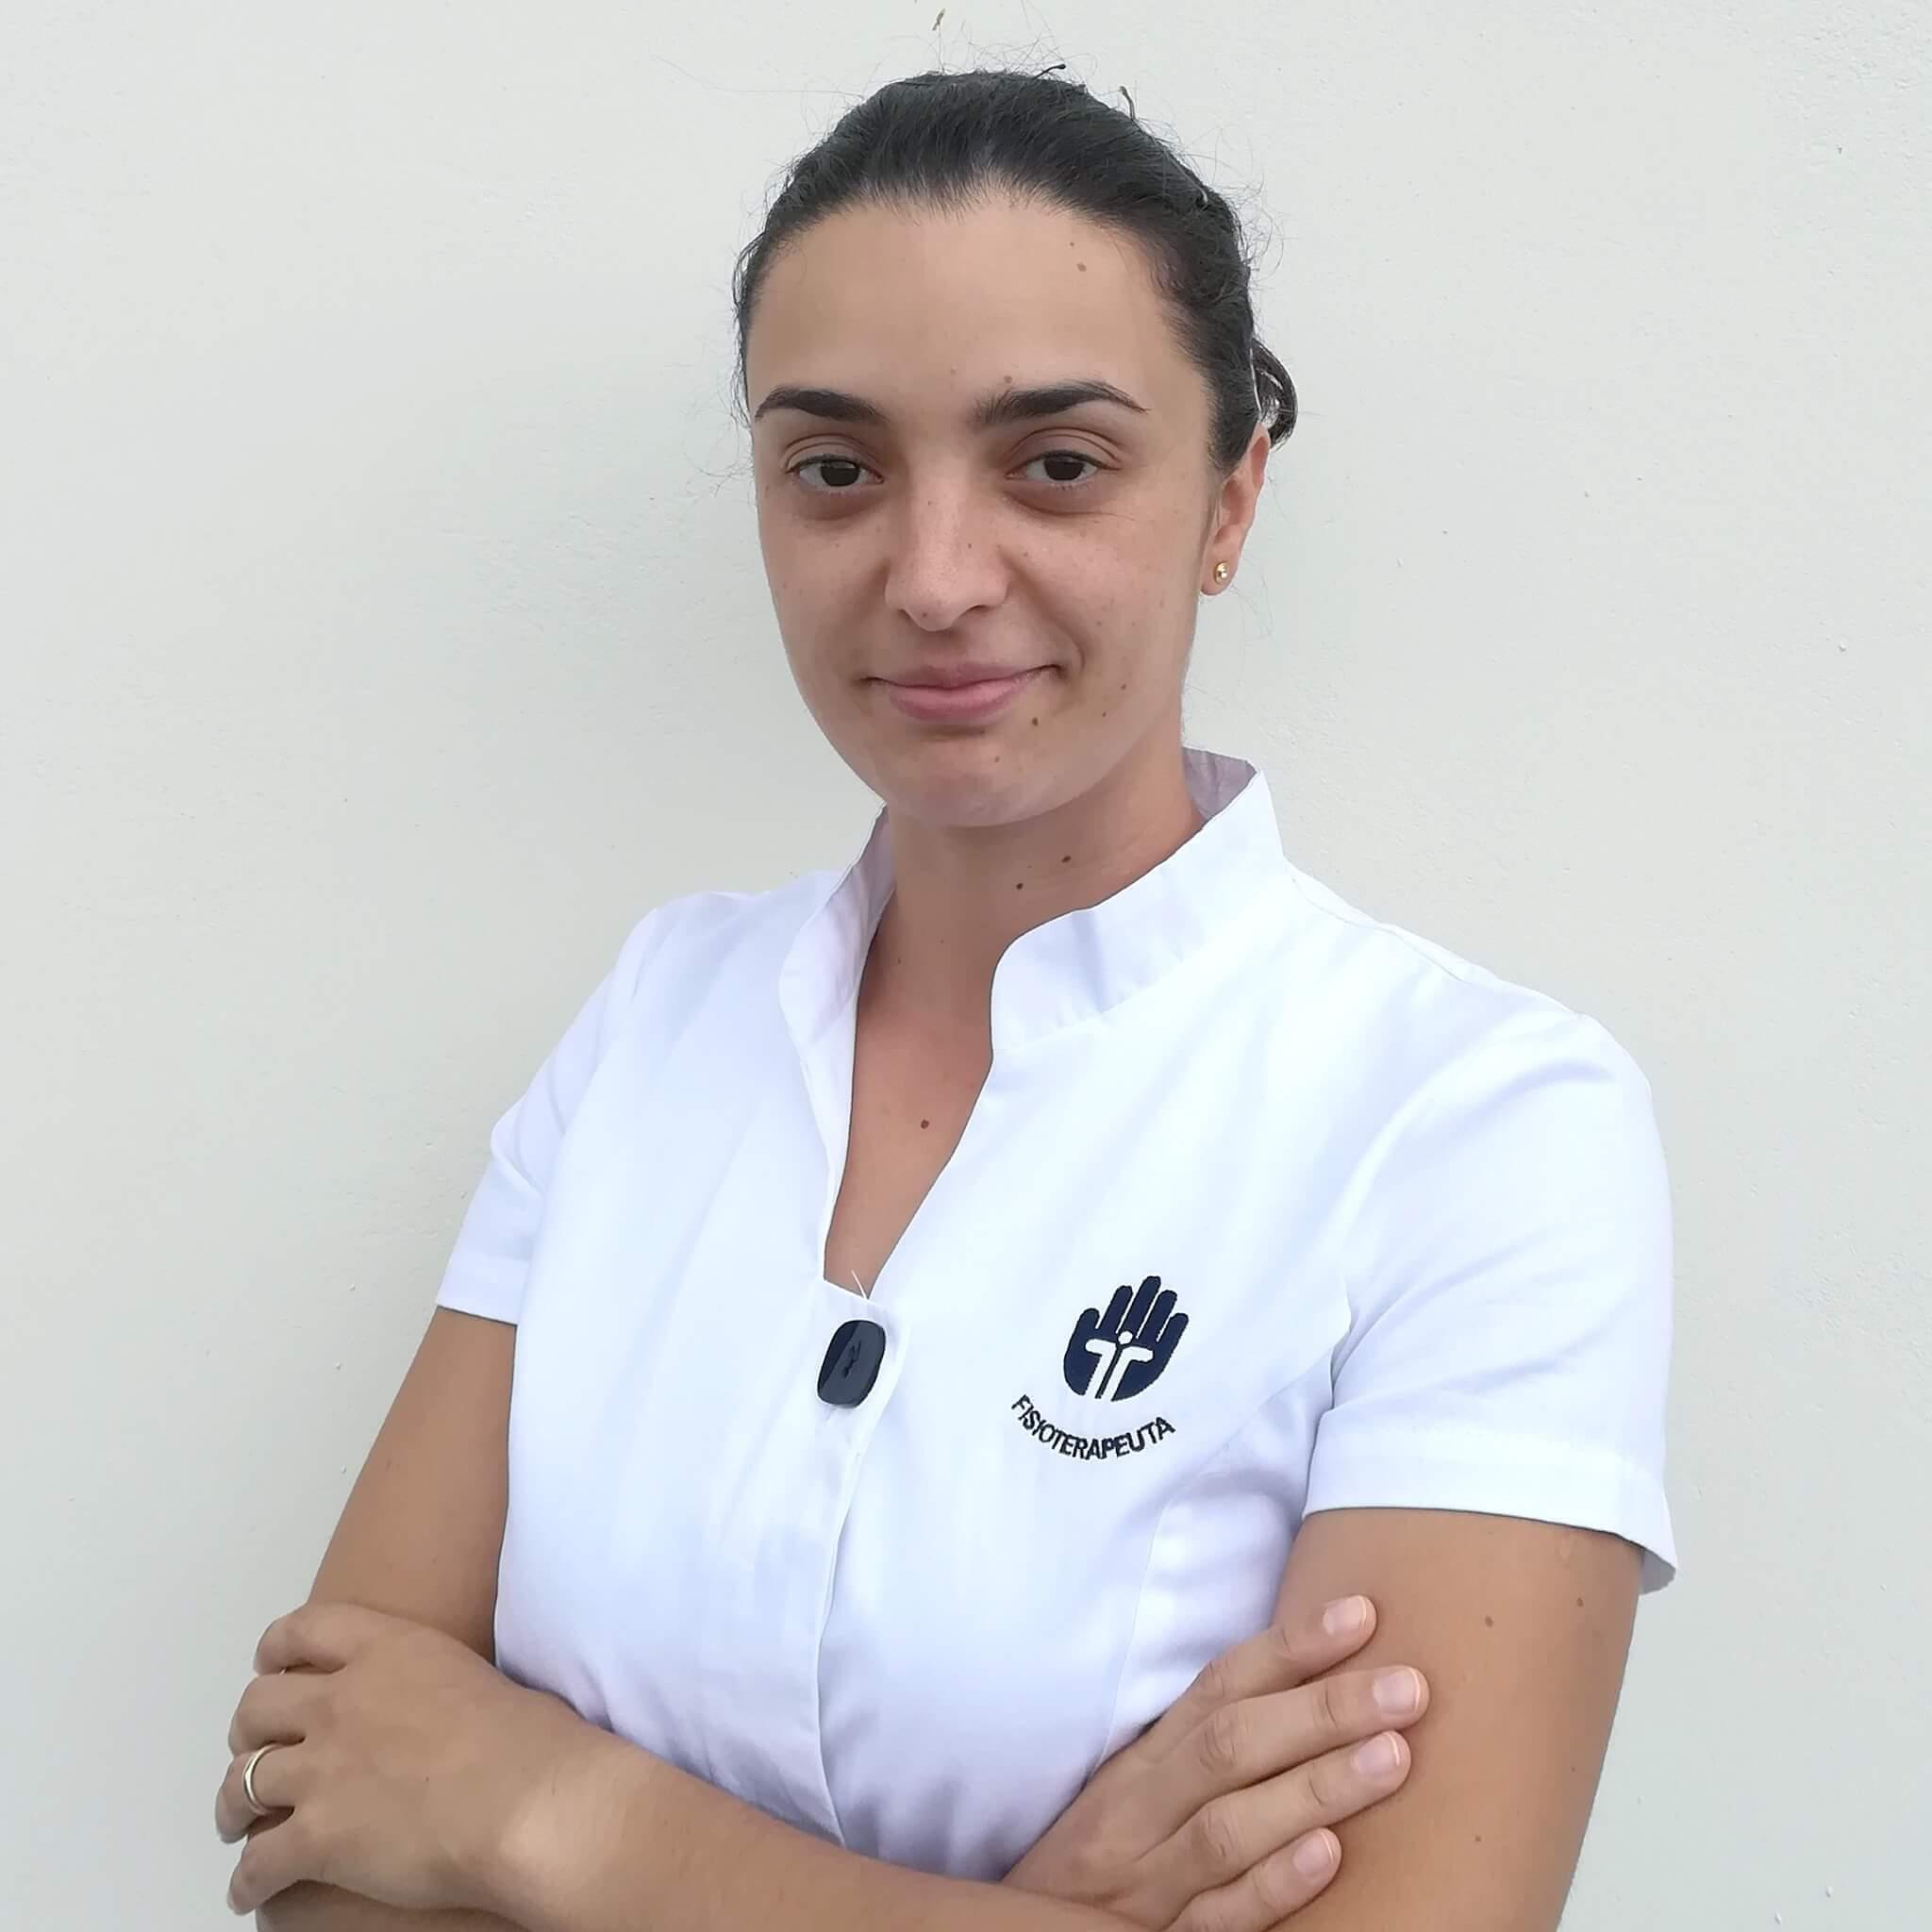 Cátia Sofia Oliveira Couto